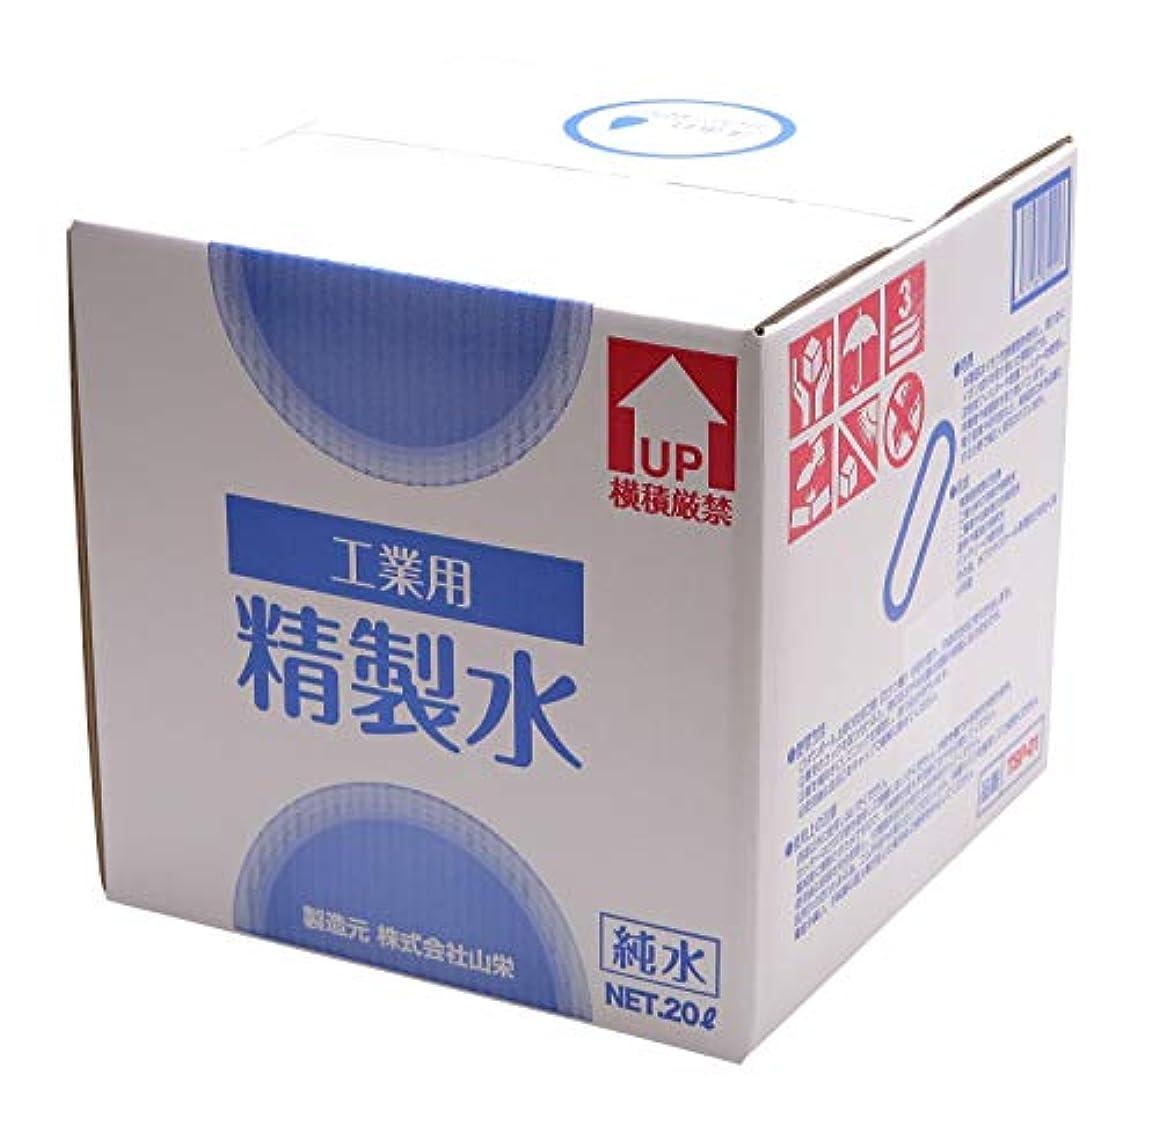 枯渇する負担人サンエイ化学 工業用精製水 純水 20L×1箱 コックなし 【スチーマー 加湿器 オートクレーブ エステ 美容 歯科】